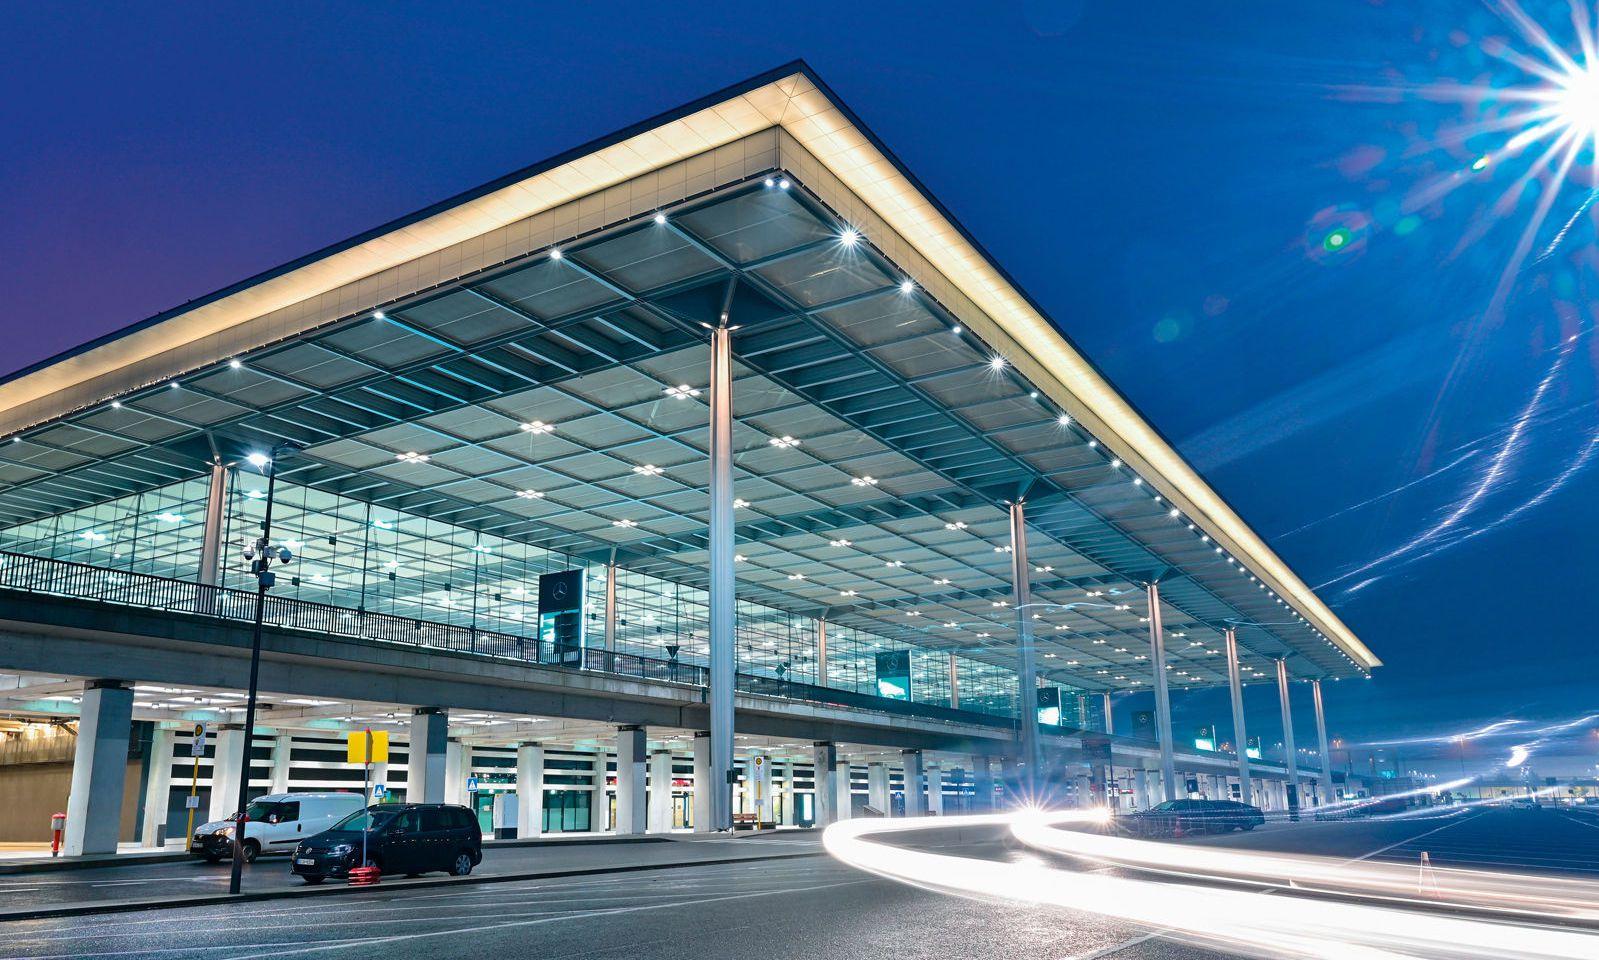 Ein Flughafen, über den man trefflich lachen kann